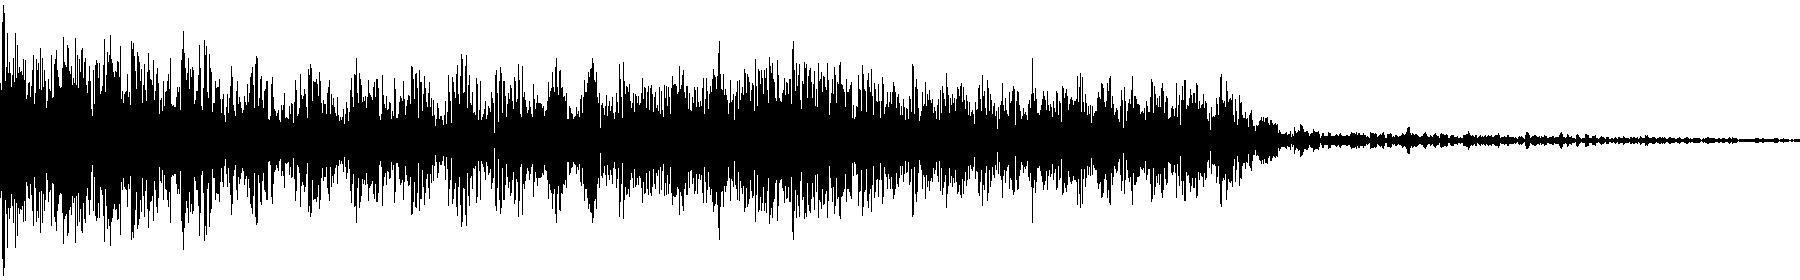 veh2 synths   104 c